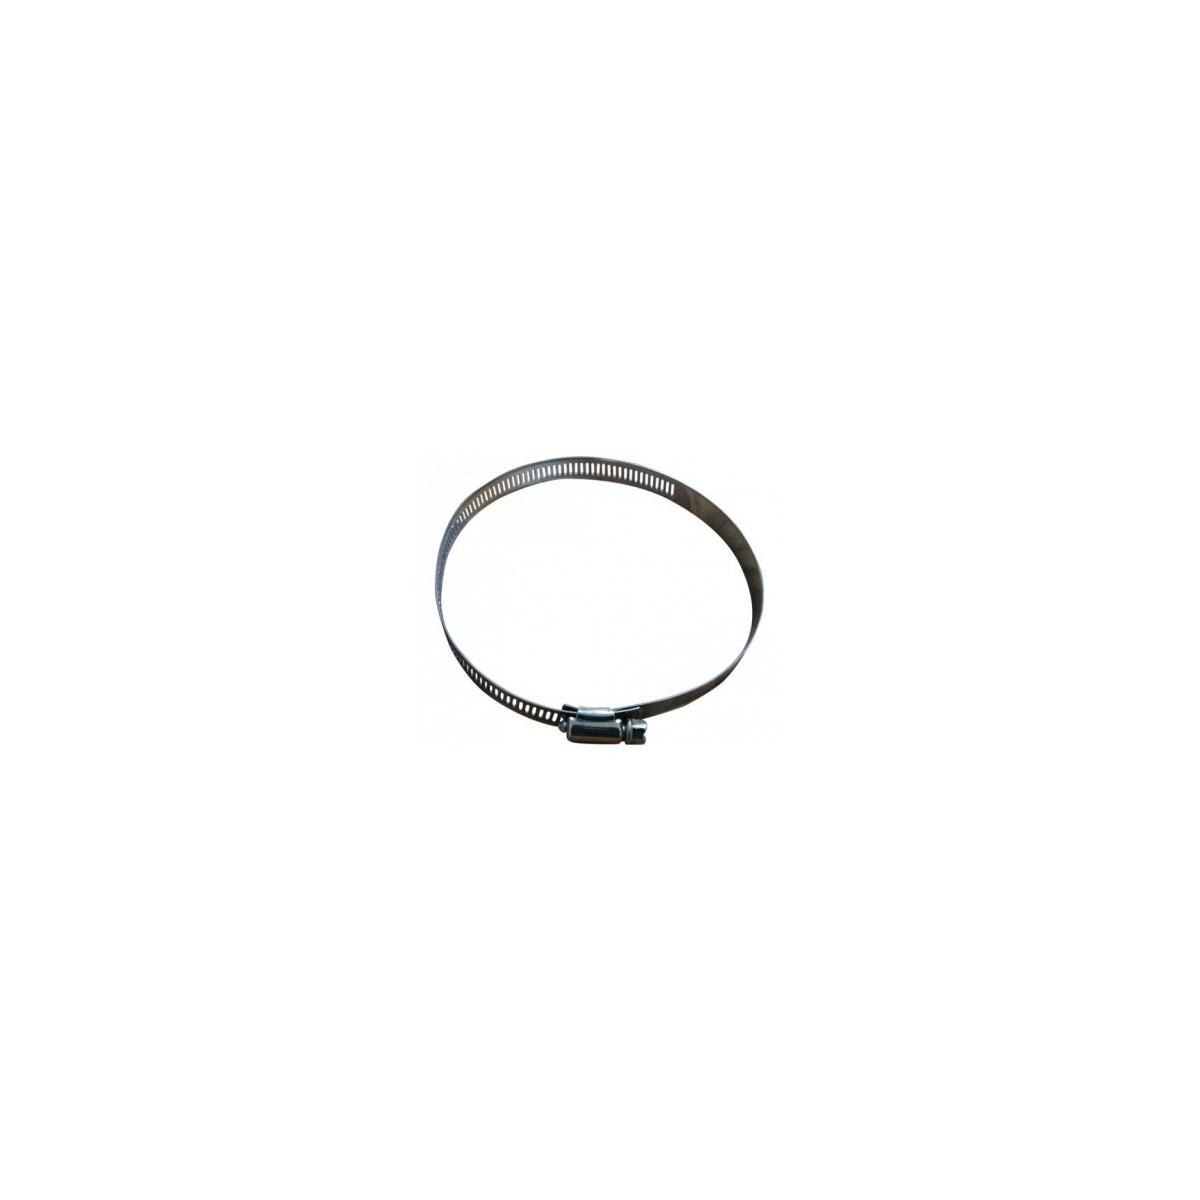 Collier-serrage-110-130mm